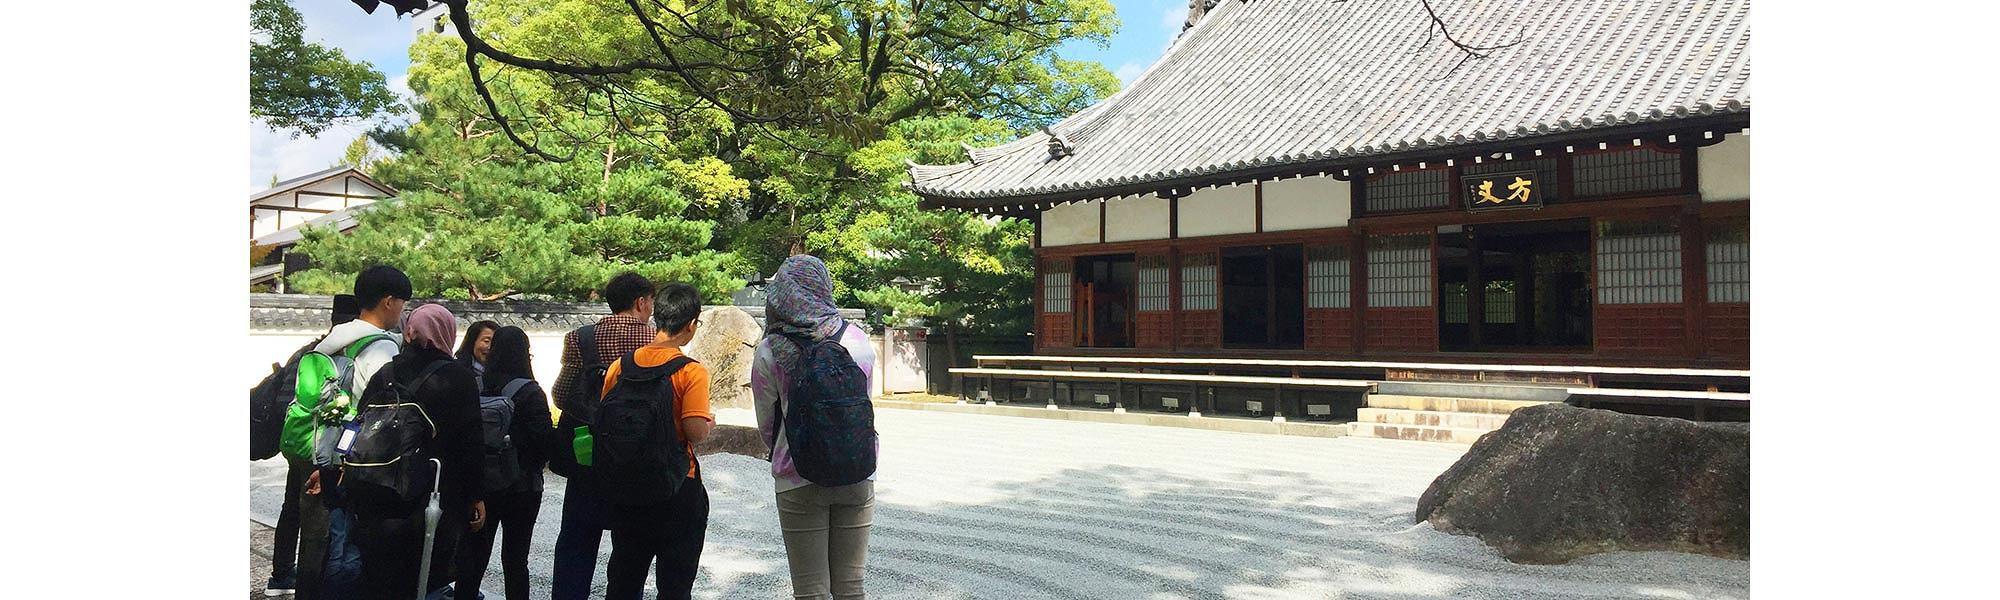 福岡ウォークス Fukuoka Walks